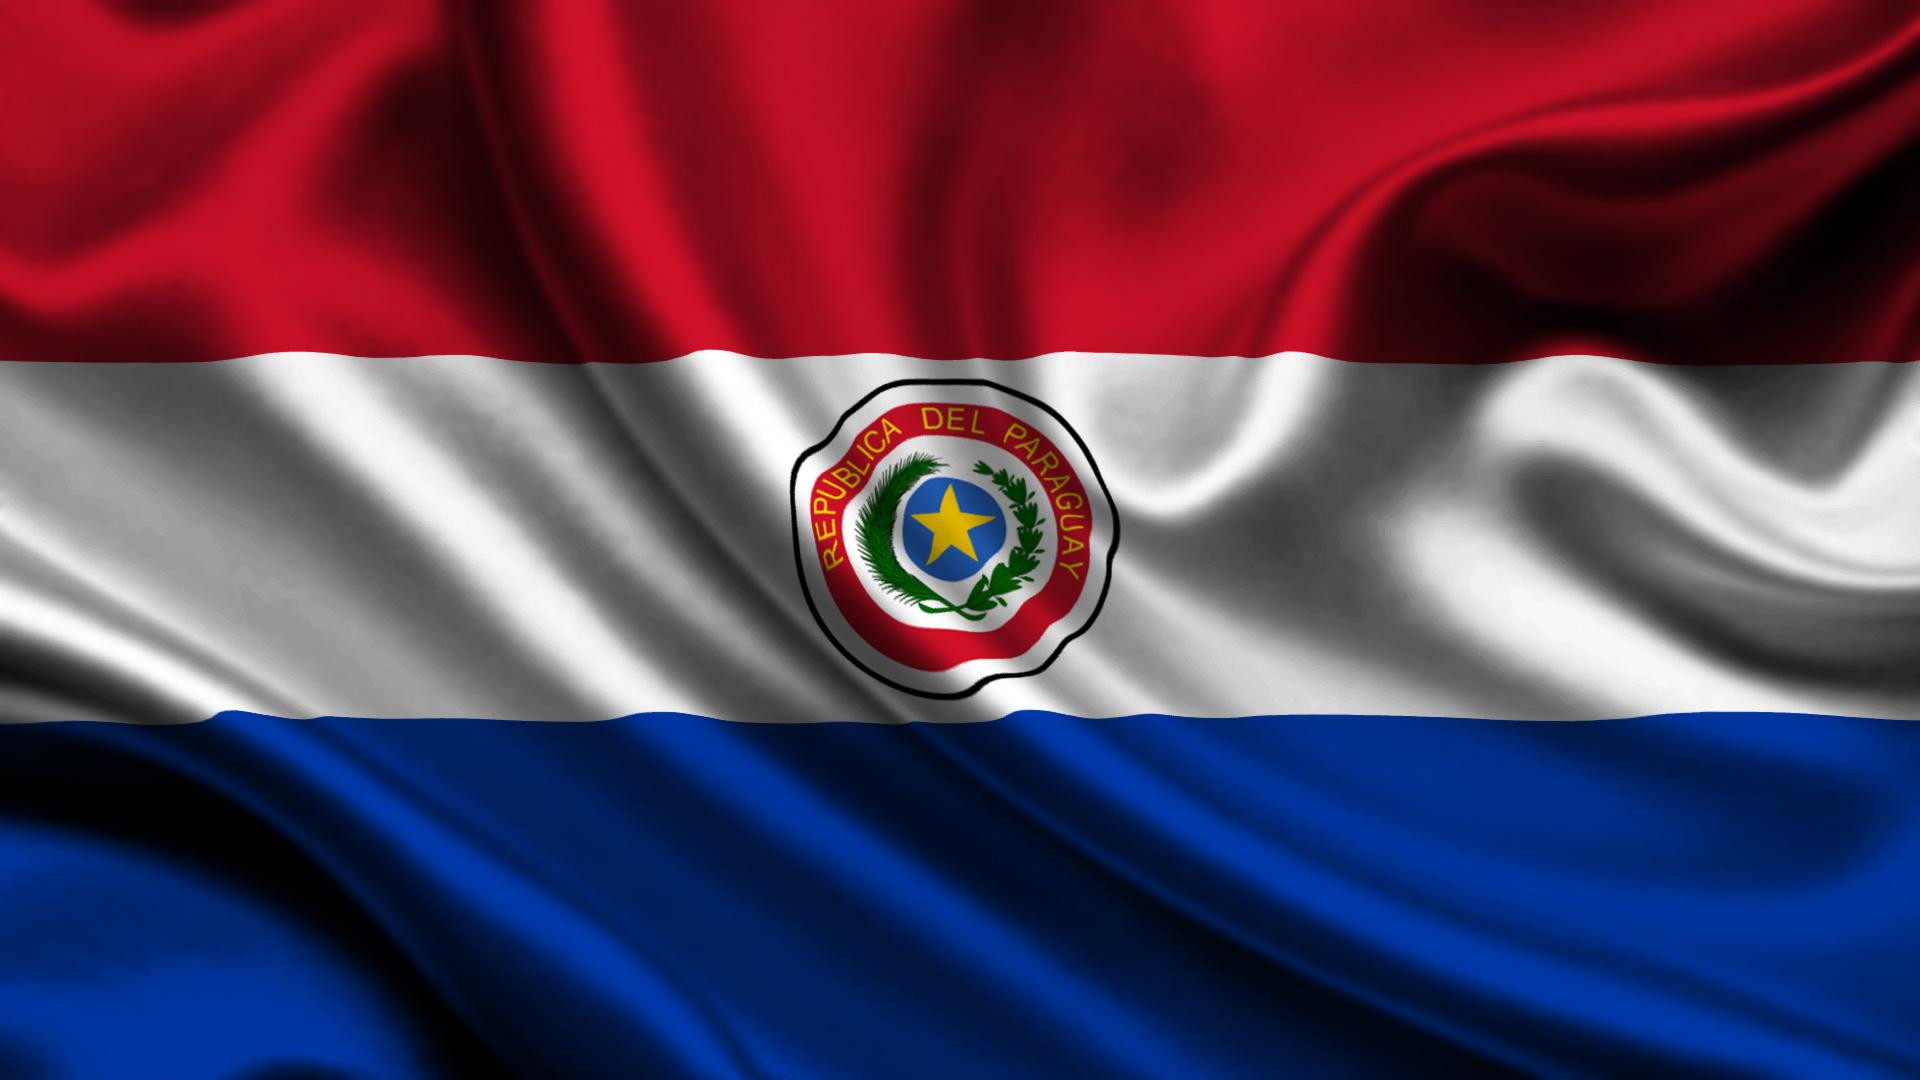 العواقب الاقتصادية والدوليّة لعلاقات إسرائيل و باراغواي